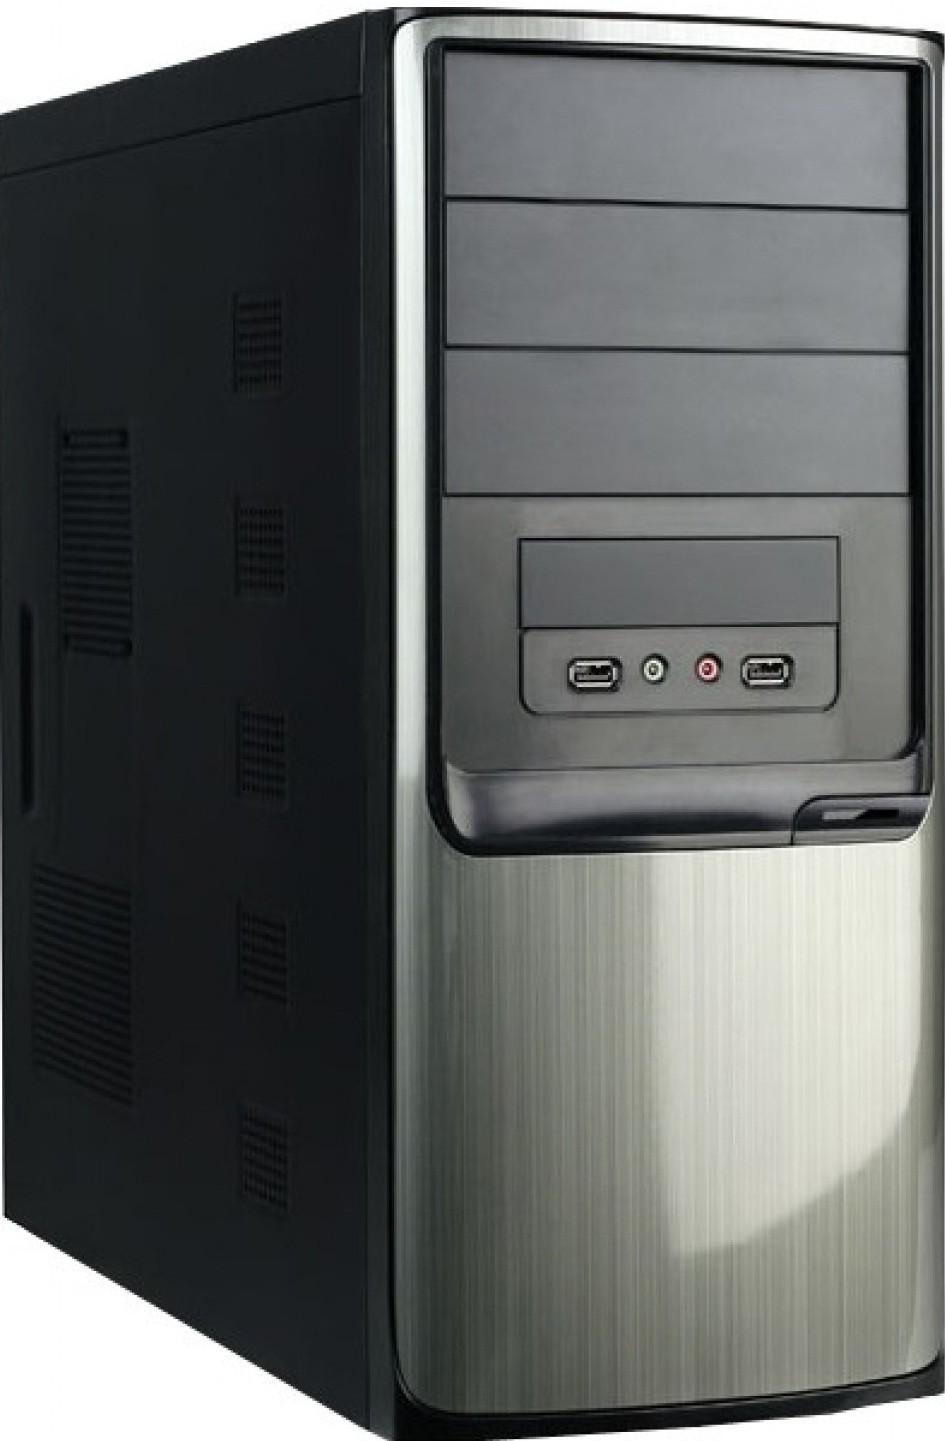 Корпус Codegen 3335-A1 400W купить под заказ в магазине МастерКомп город Коростень.